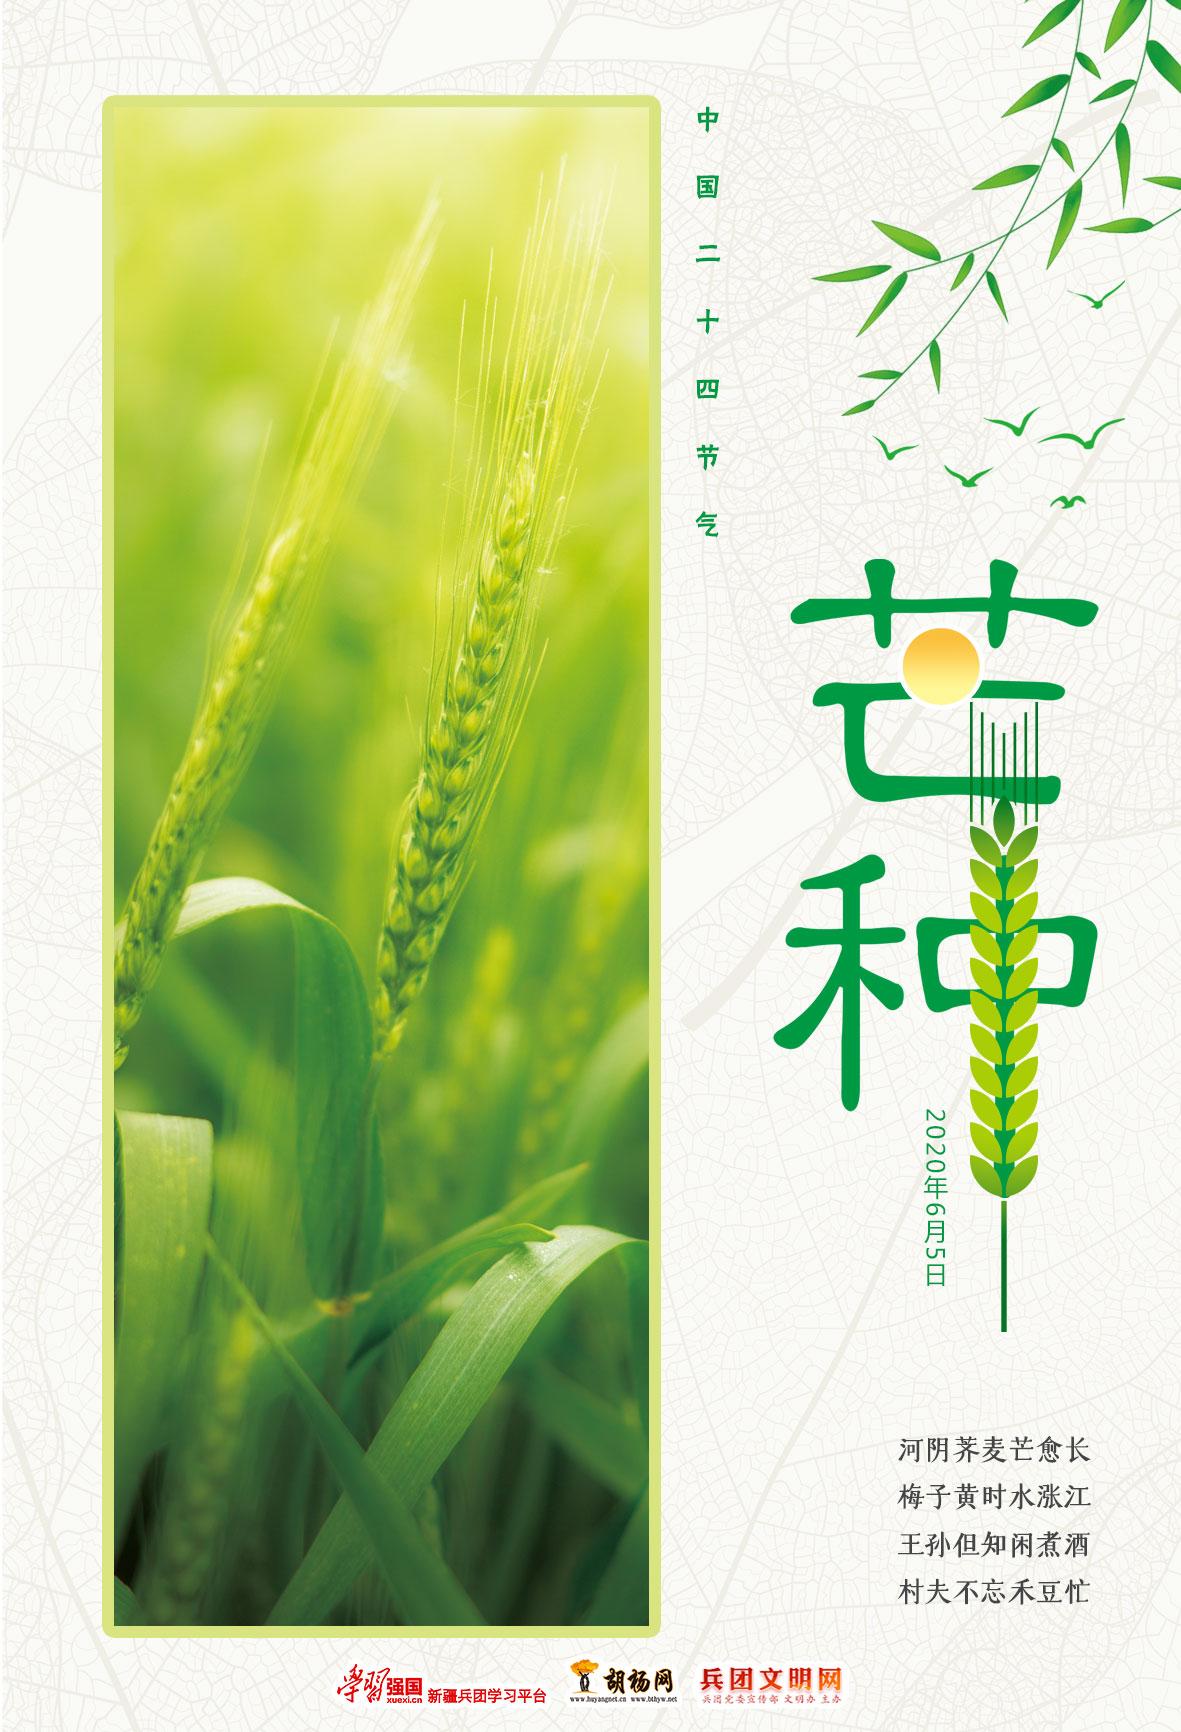 中国二十四节气 | 芒种